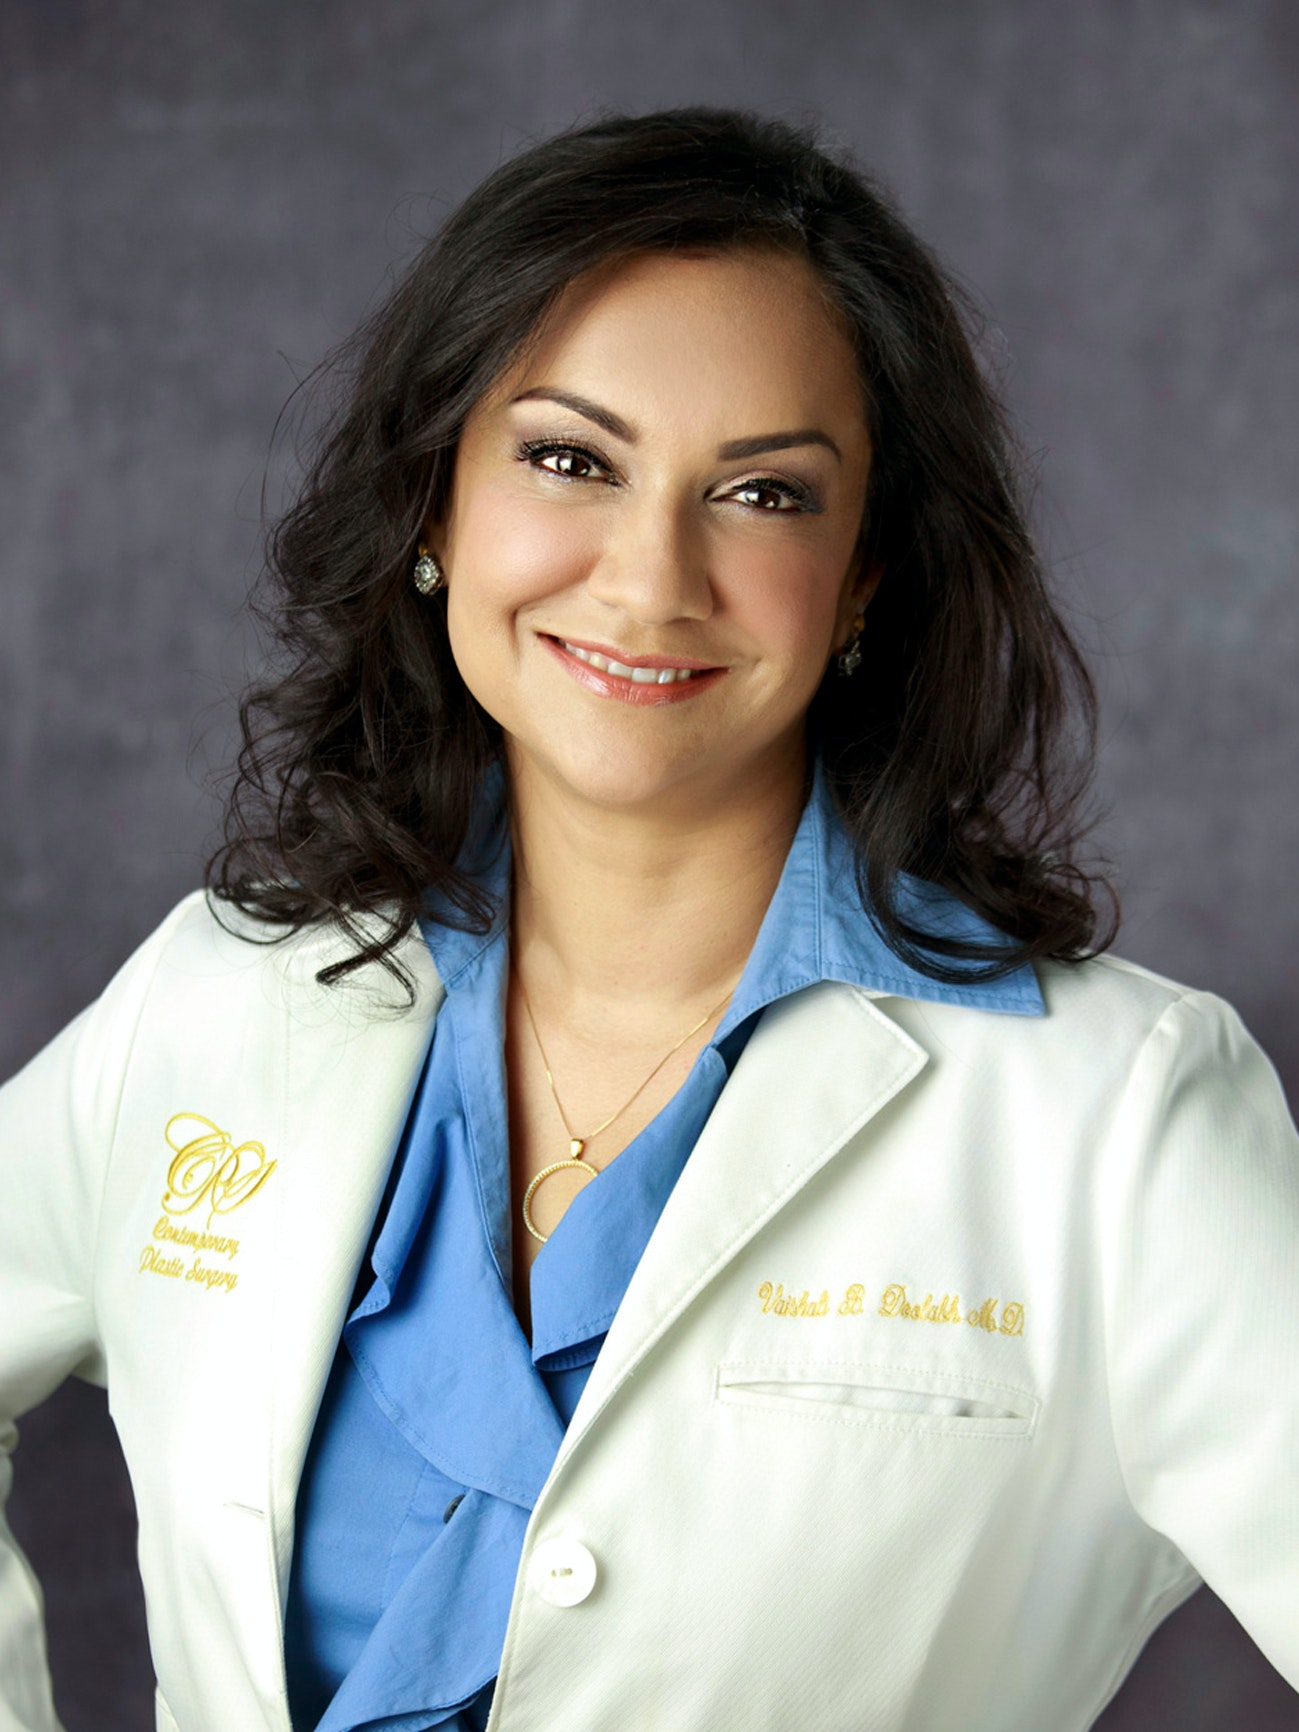 Dr. Vaishali Doolabh